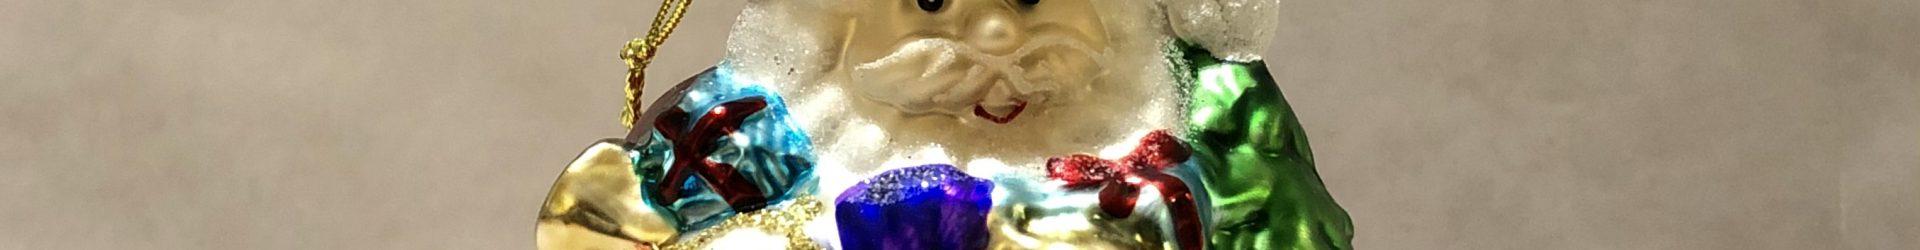 Babbo Natale in vetro